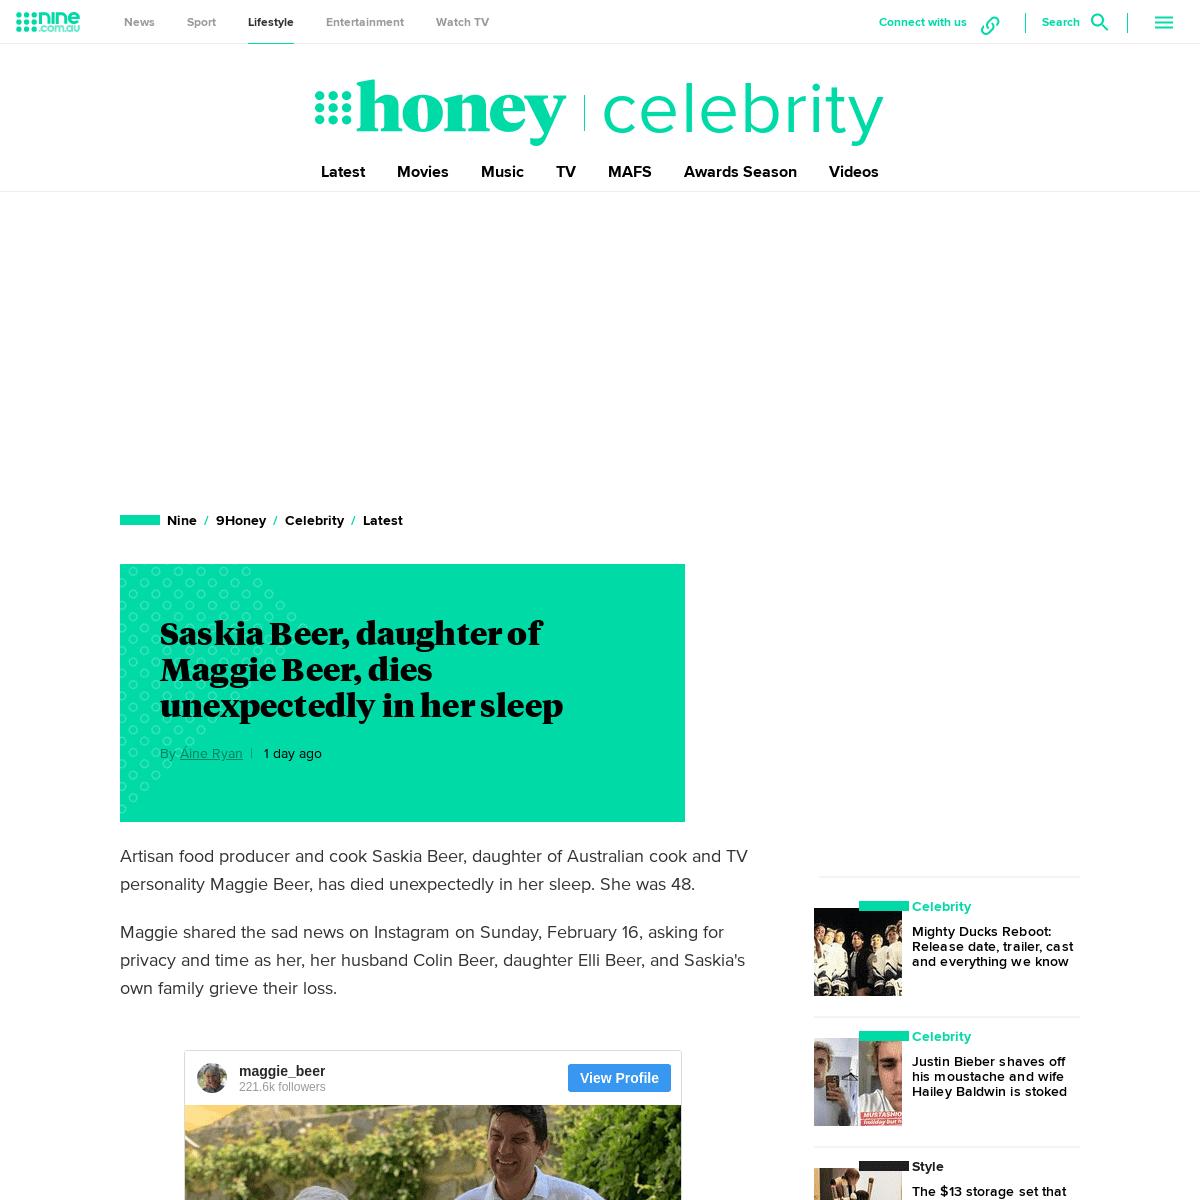 Maggie Beer's daughter, cook Saskia Beer, dies unexpectedly in her sleep - 9Celebrity